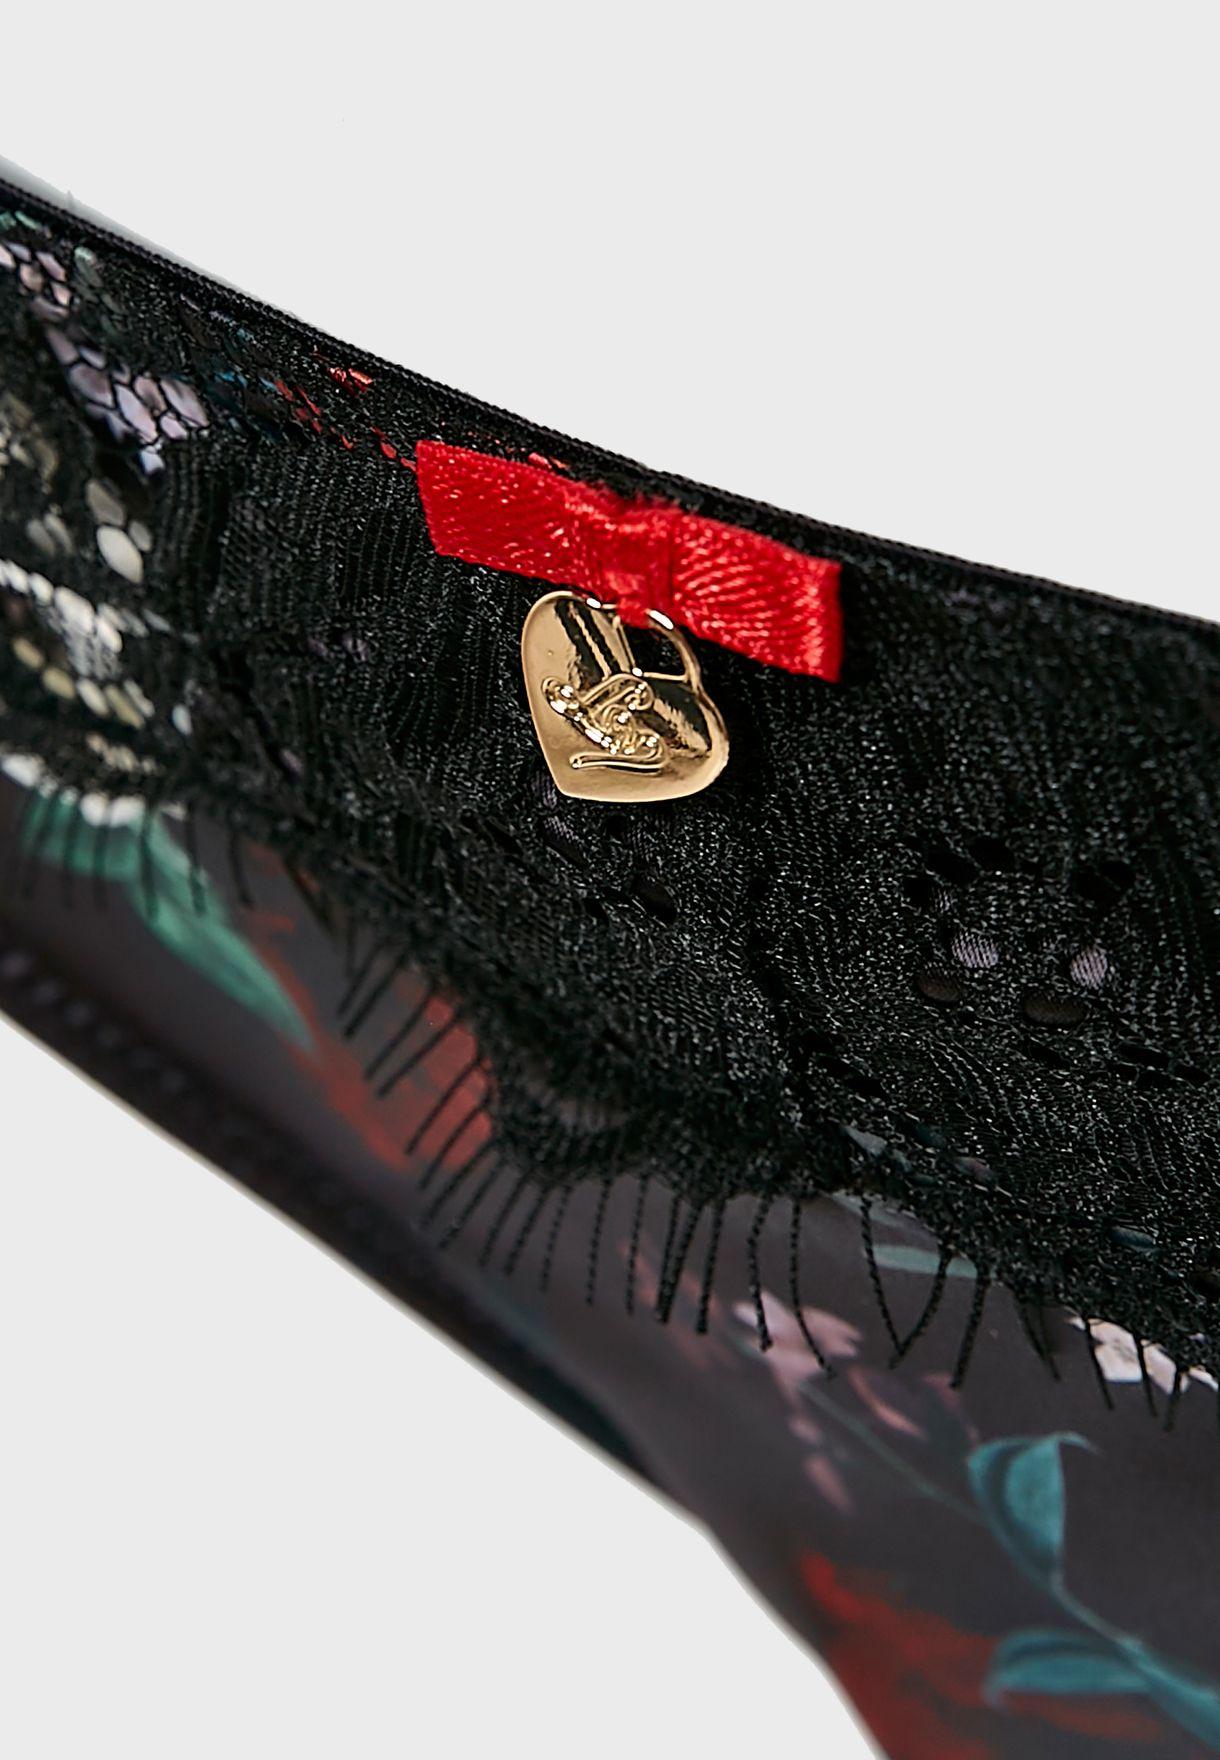 سروال رفيع (ثونغ) بطبعات ازهار